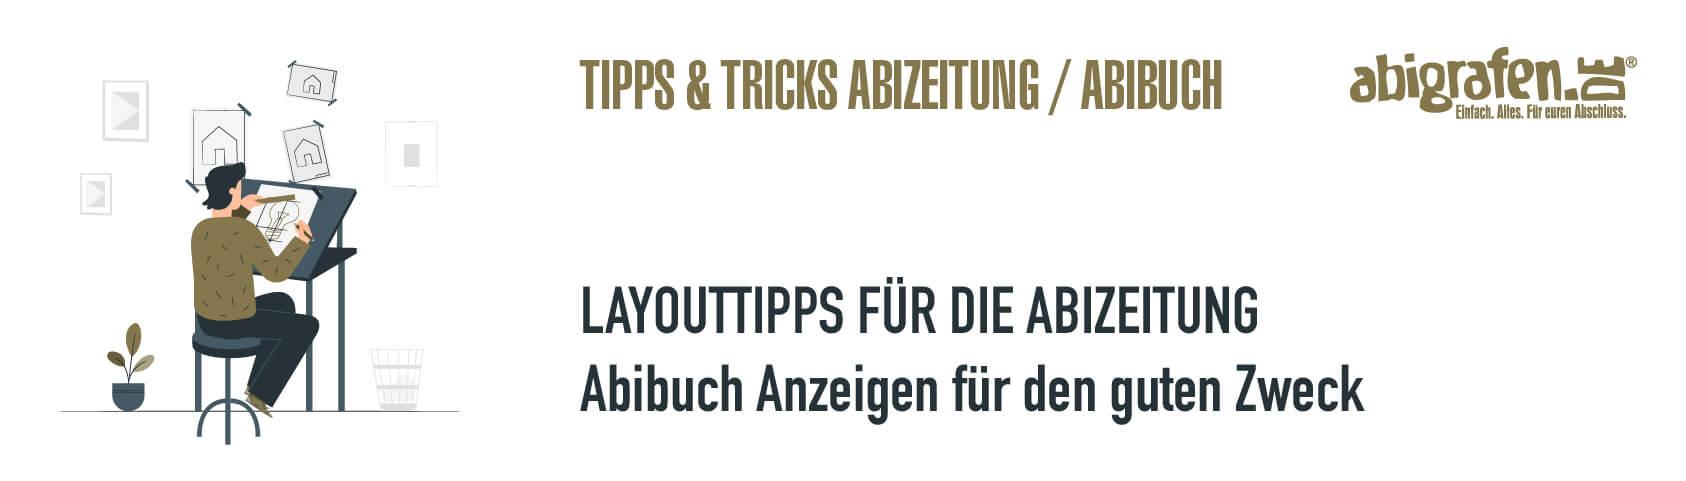 abigrafen-abizeitung-tipps-und-tricks-layout-anzeigen